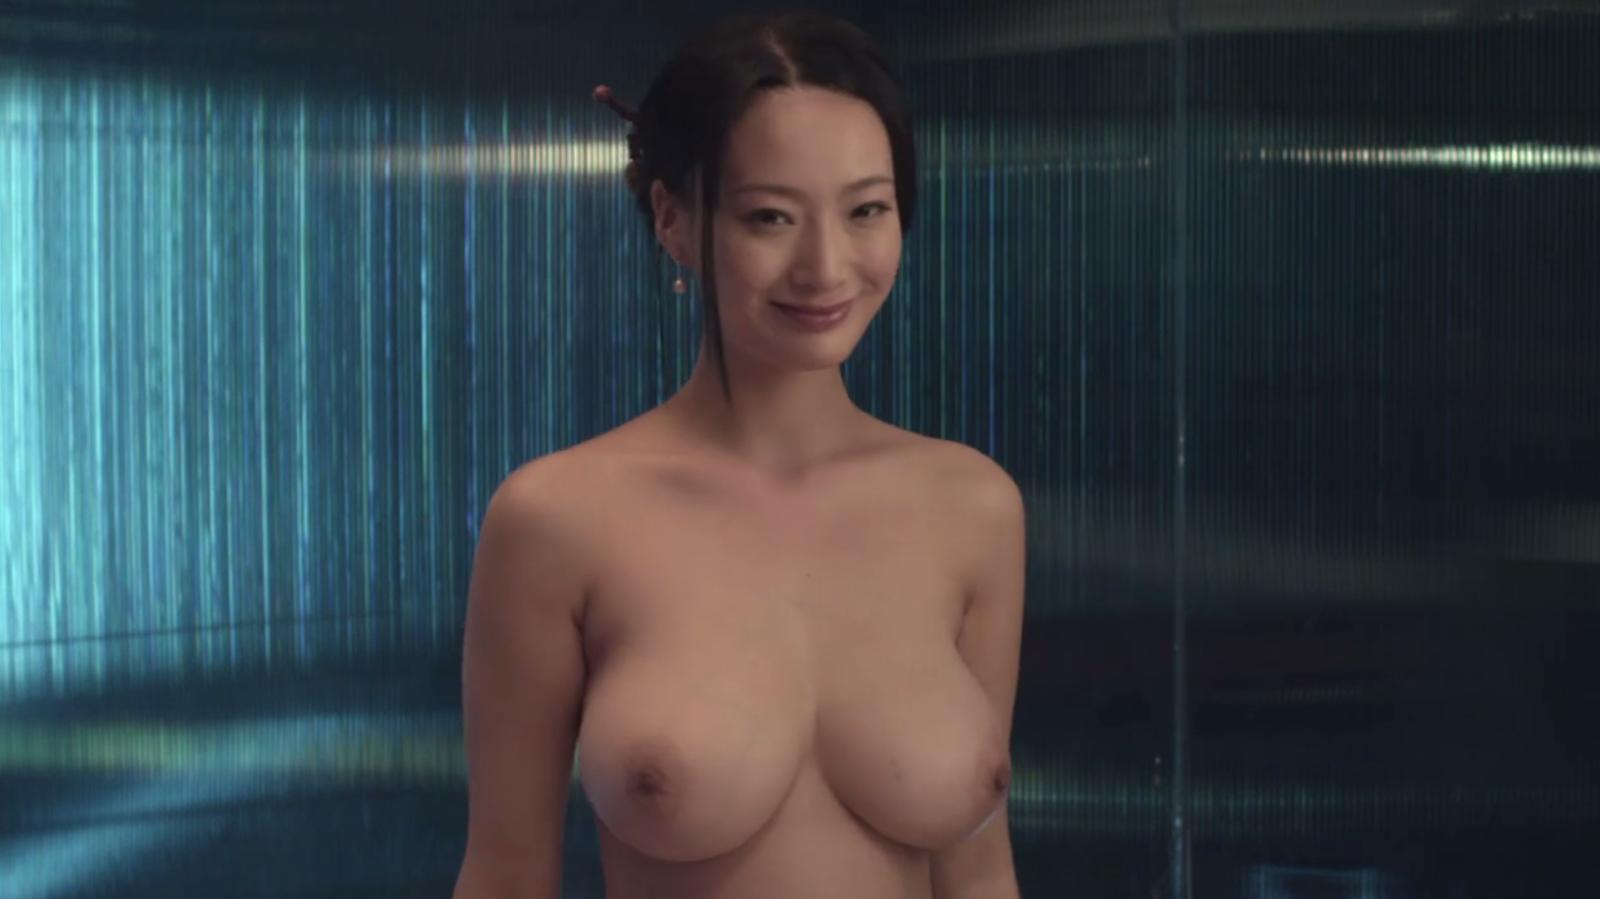 Daniella wang due west our sex journey 2012 sex scene - 3 part 10